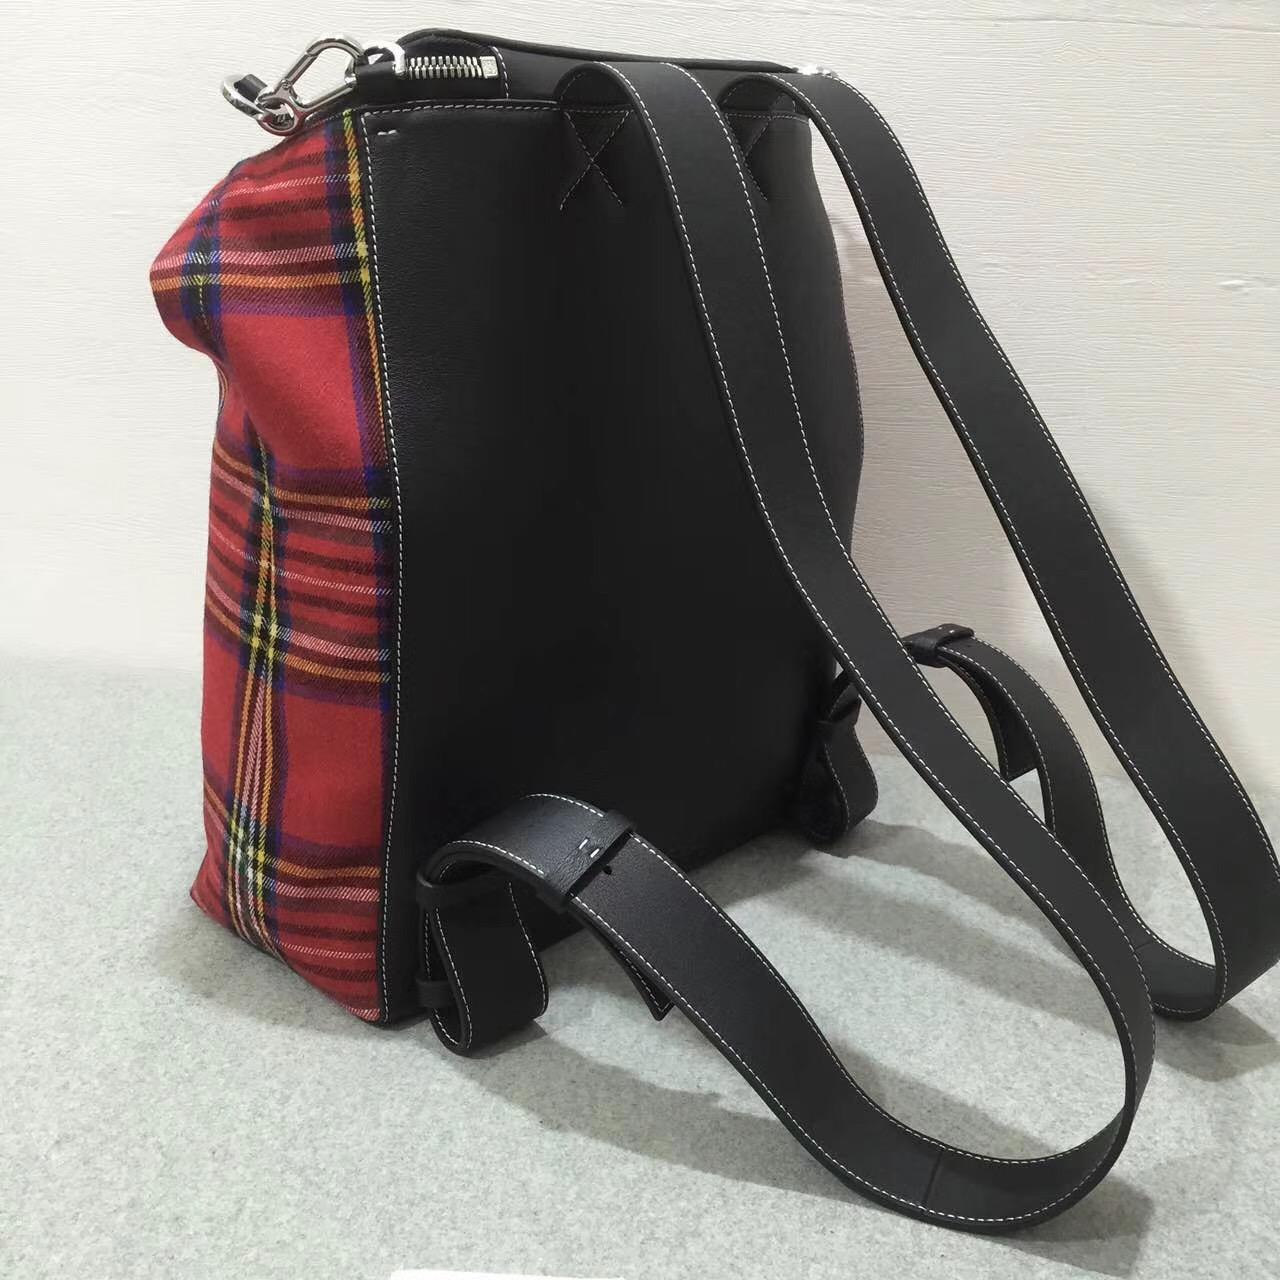 羅意威雙肩背包 loewe Goya Tartan Backpack Black/Red Tartan